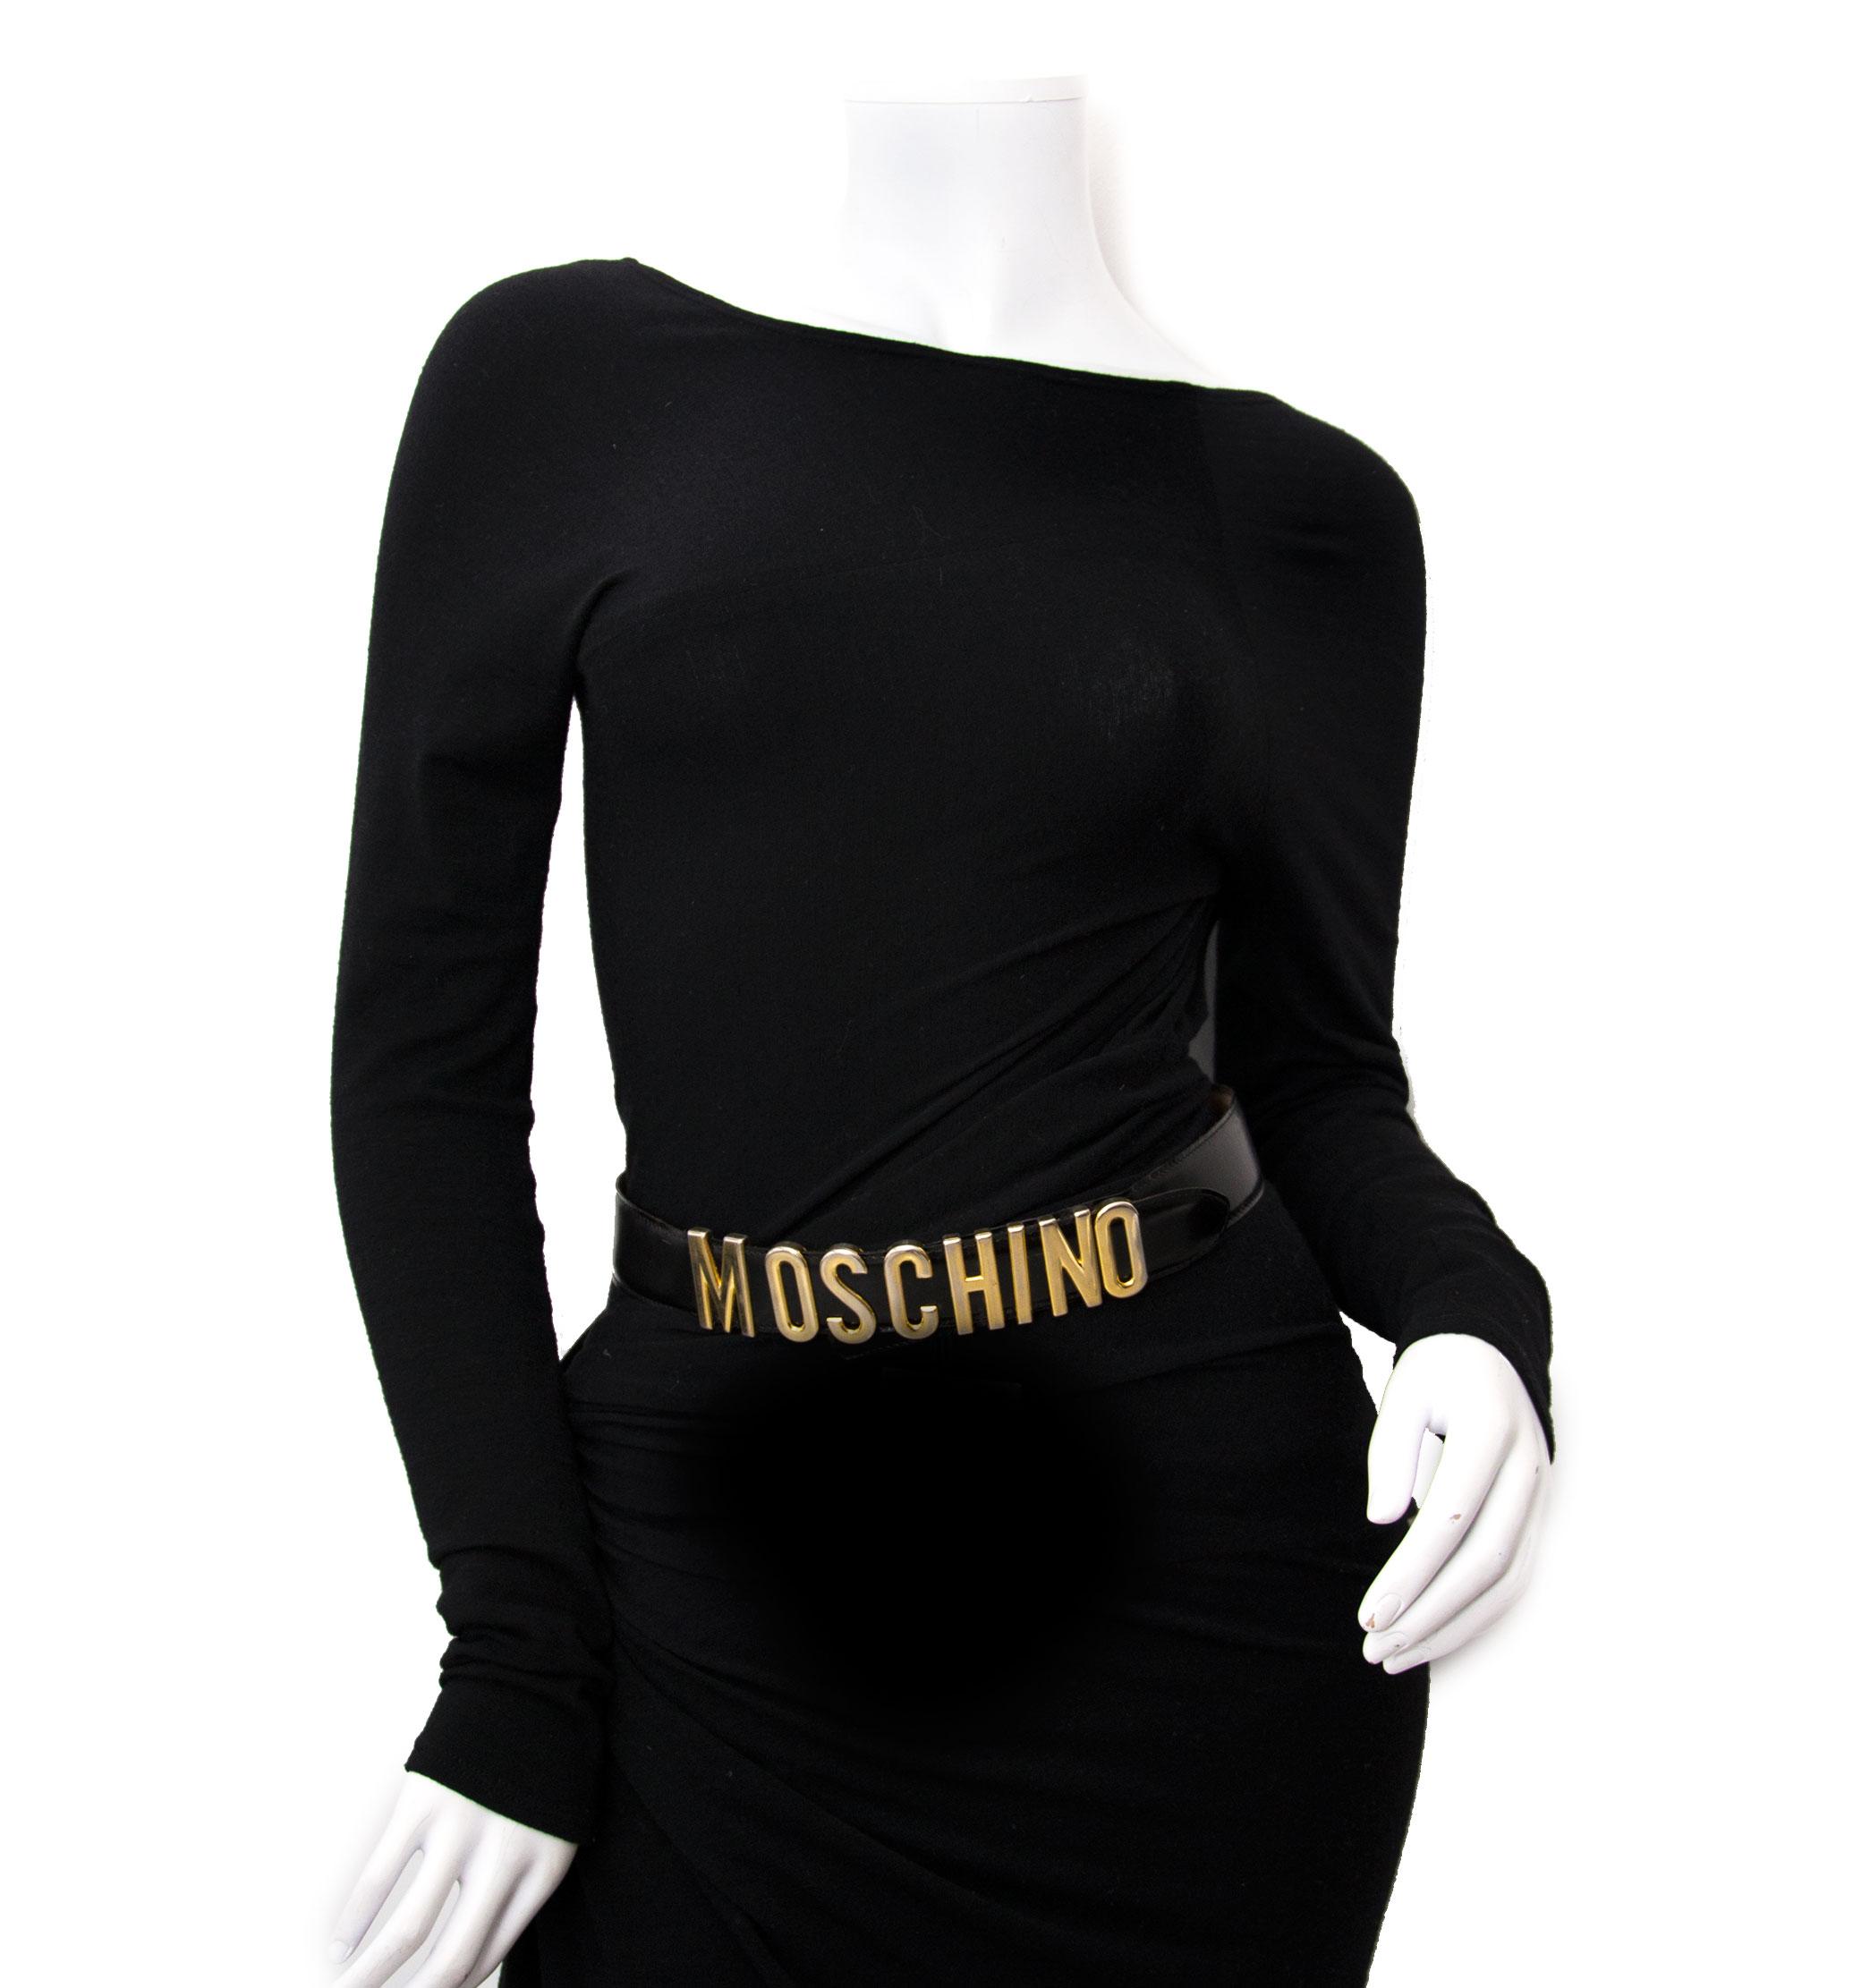 Kopo en verkoop uw moschino lederen riem bij labellov.com tegen de beste prijs